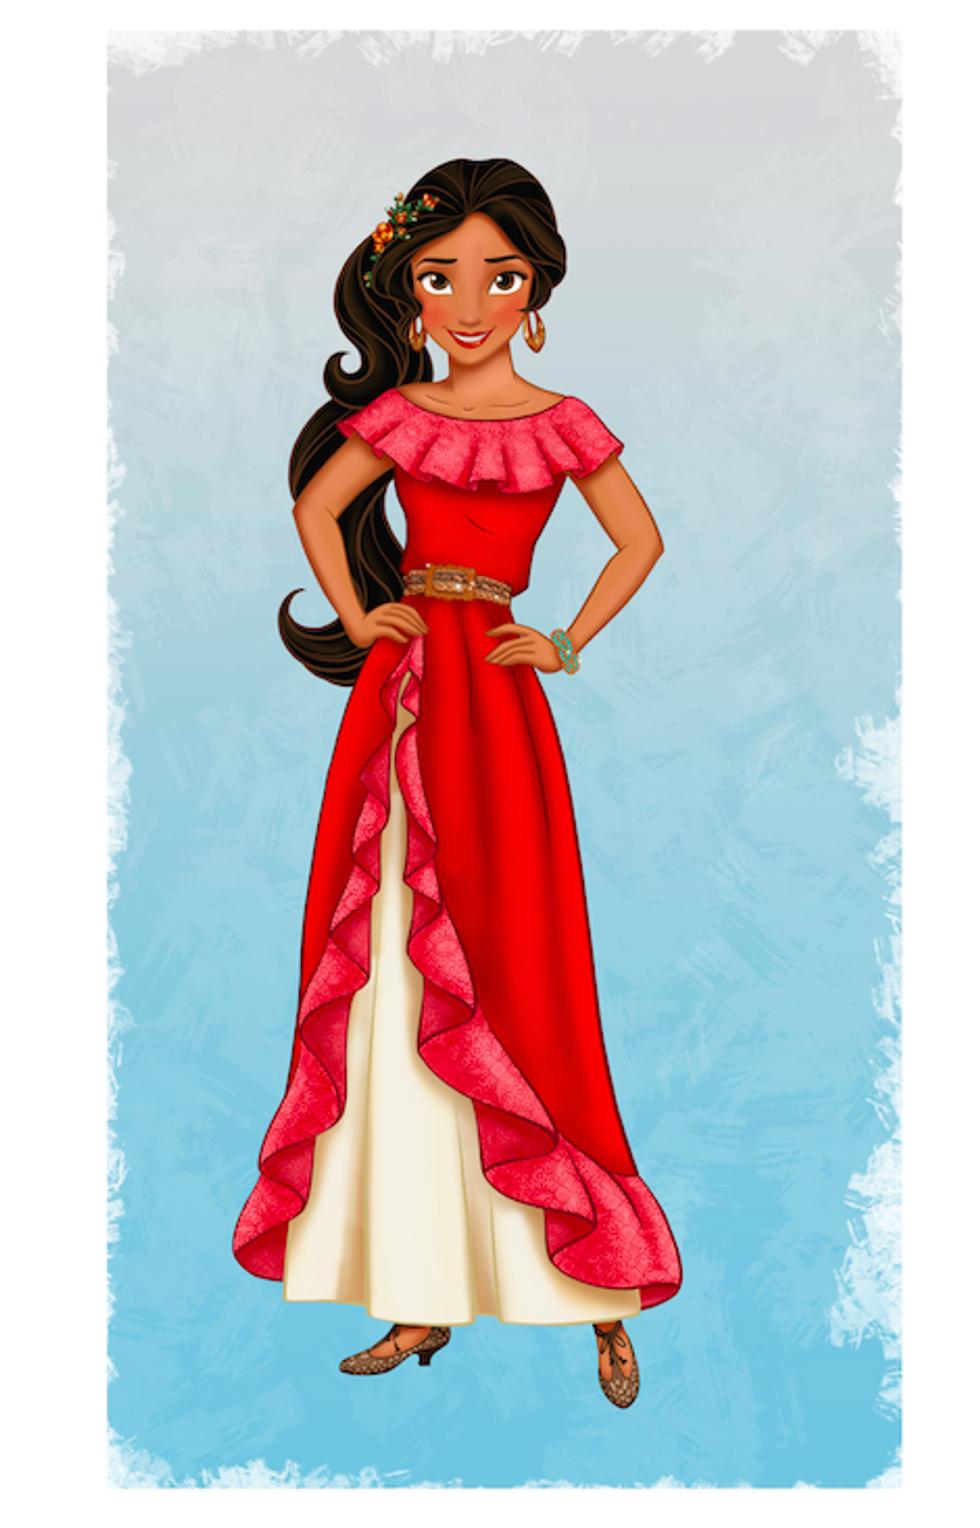 Disney Announces Its First Latina Princess